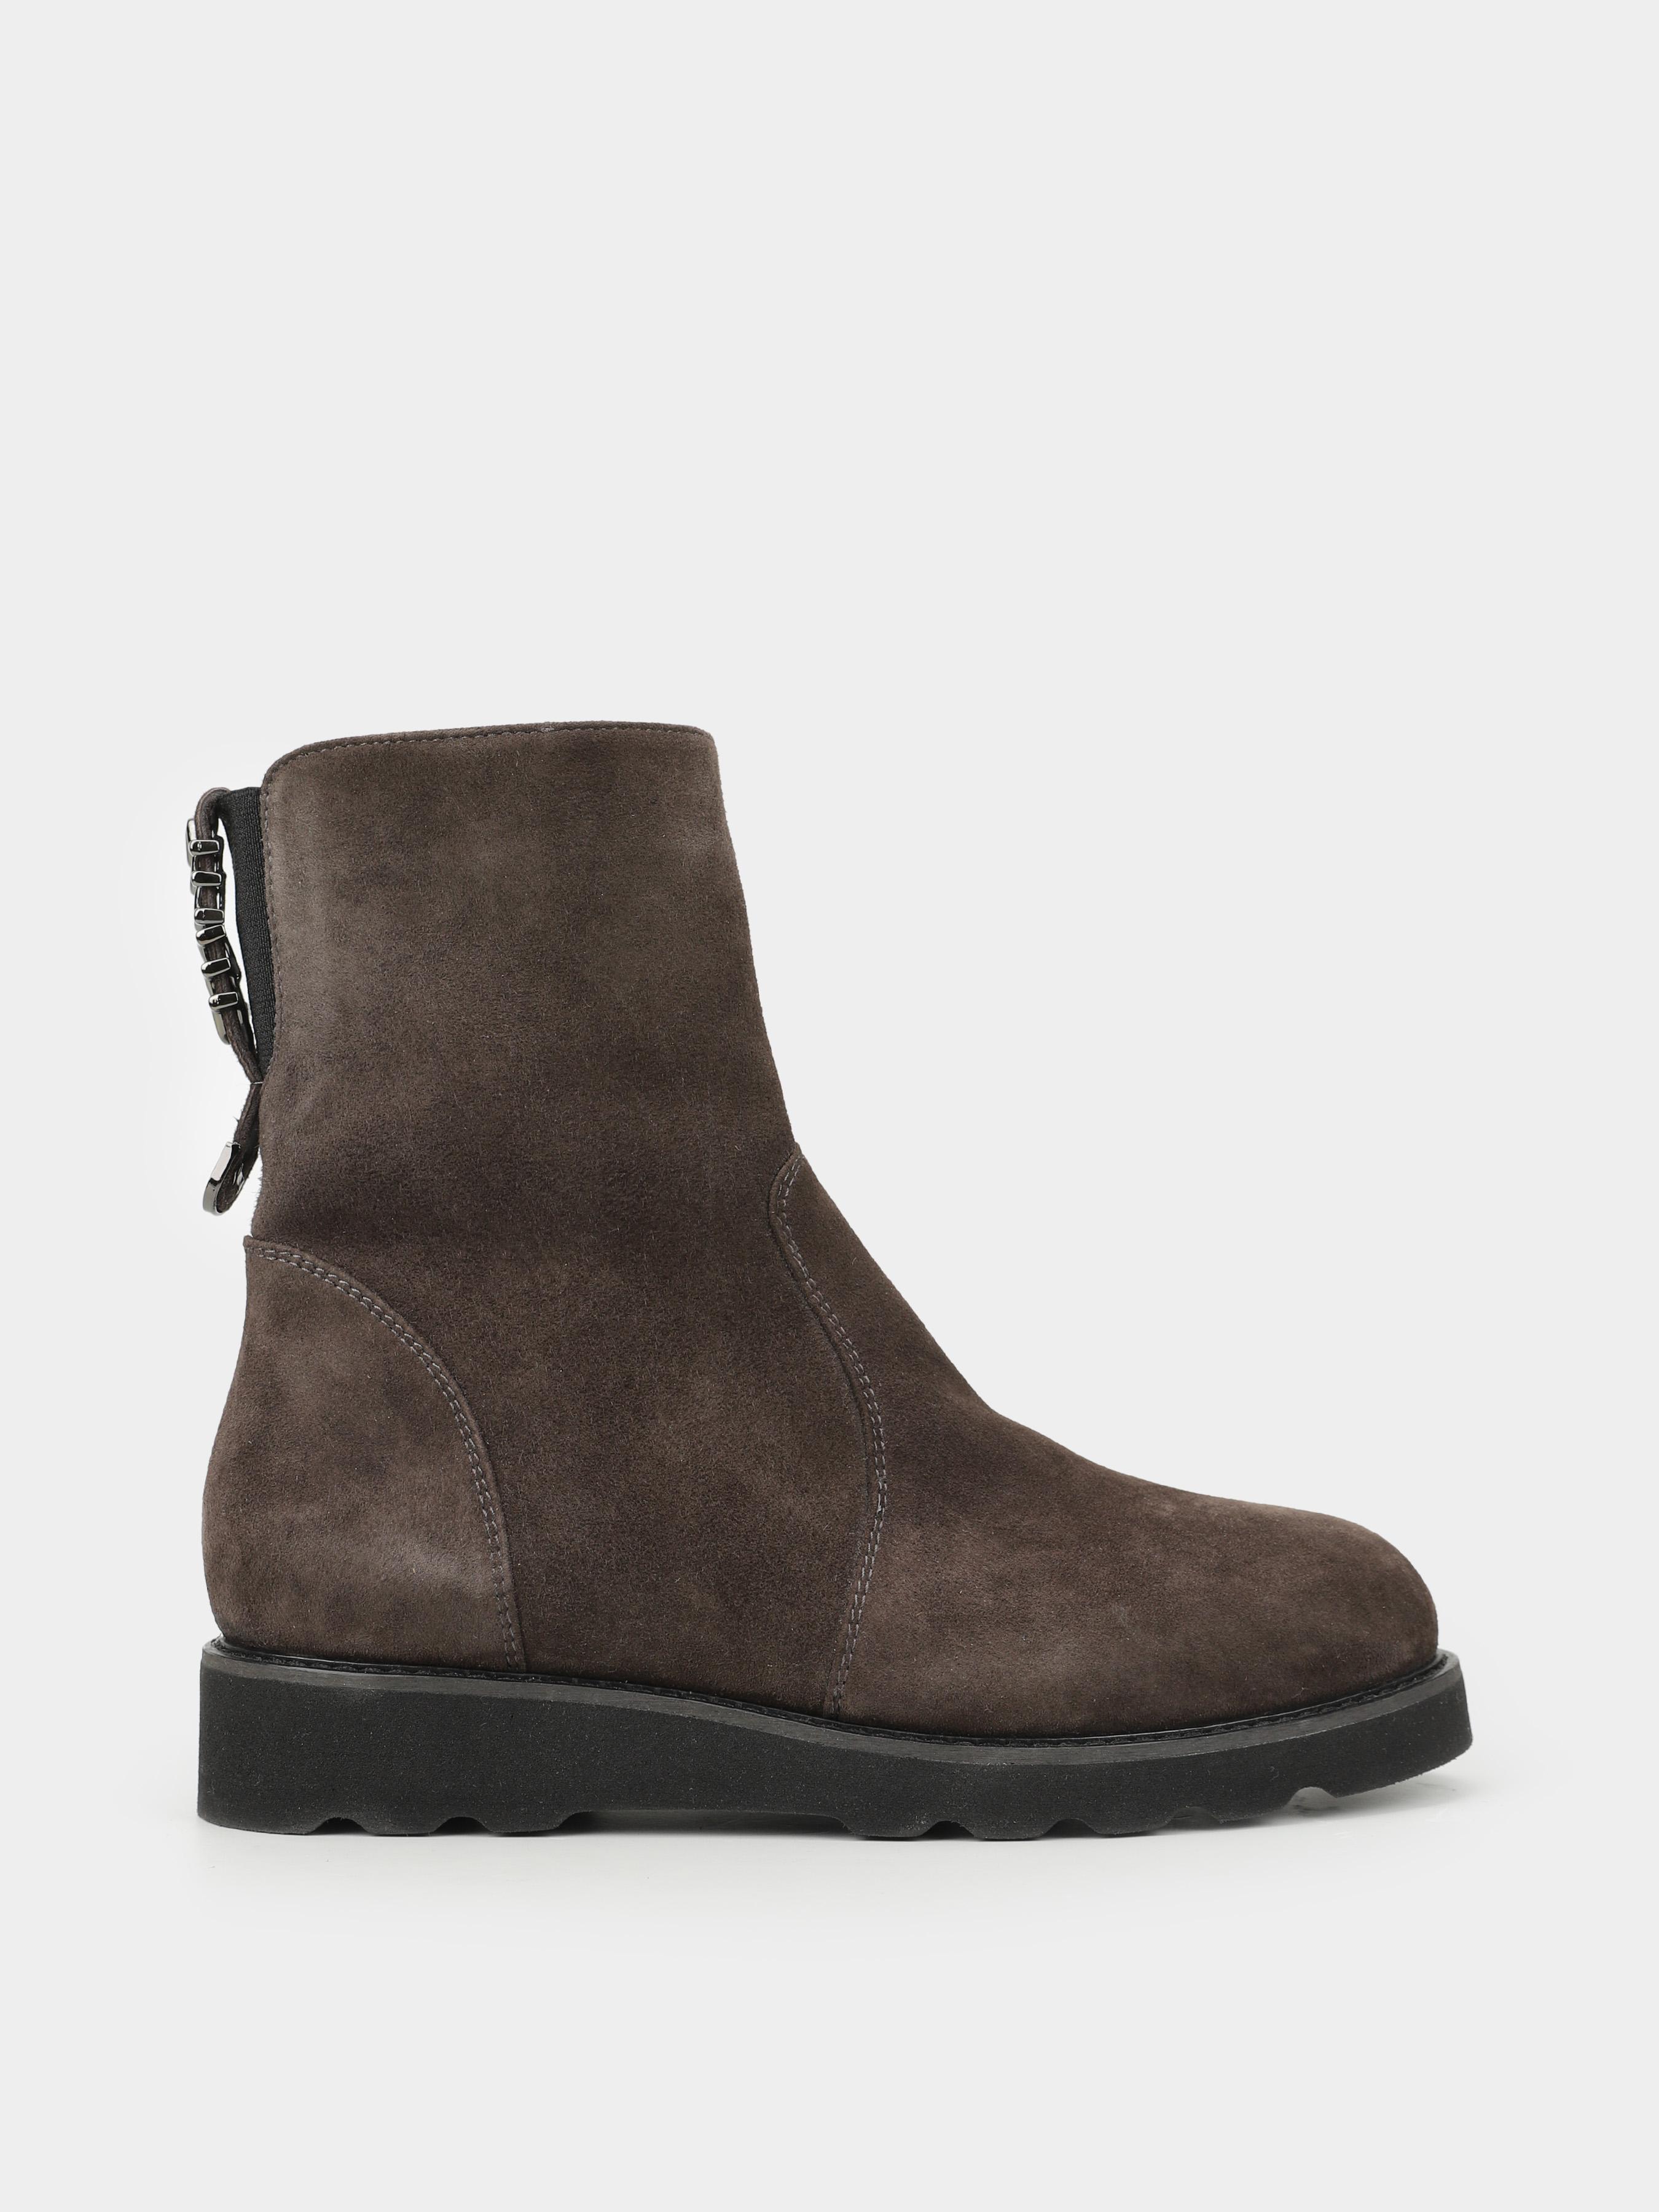 Ботинки для женщин Viko 9W41 купить онлайн, 2017